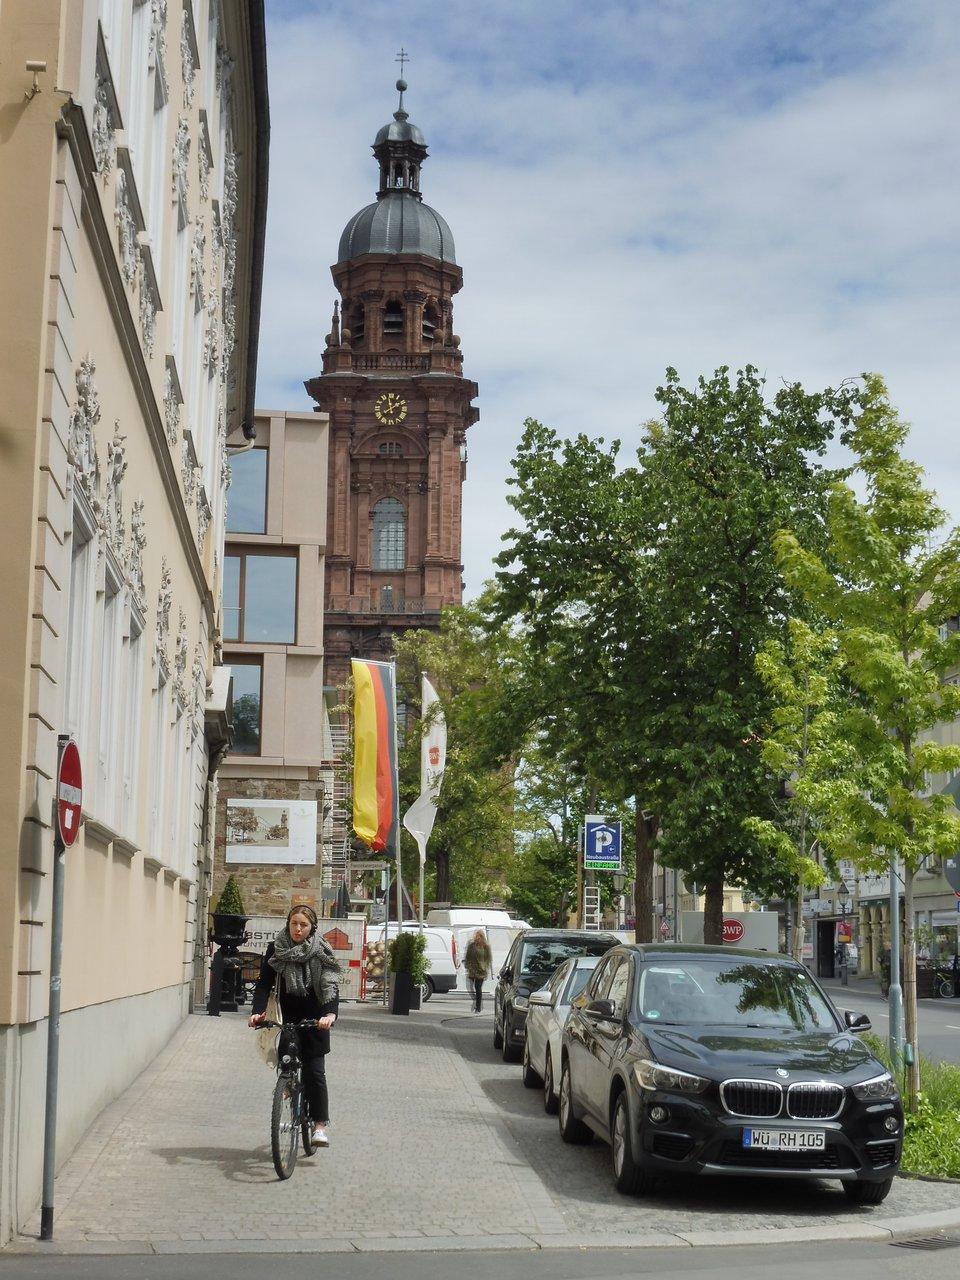 2020年 Wurzburg Old University - 行く前に!見どころをチェック ...